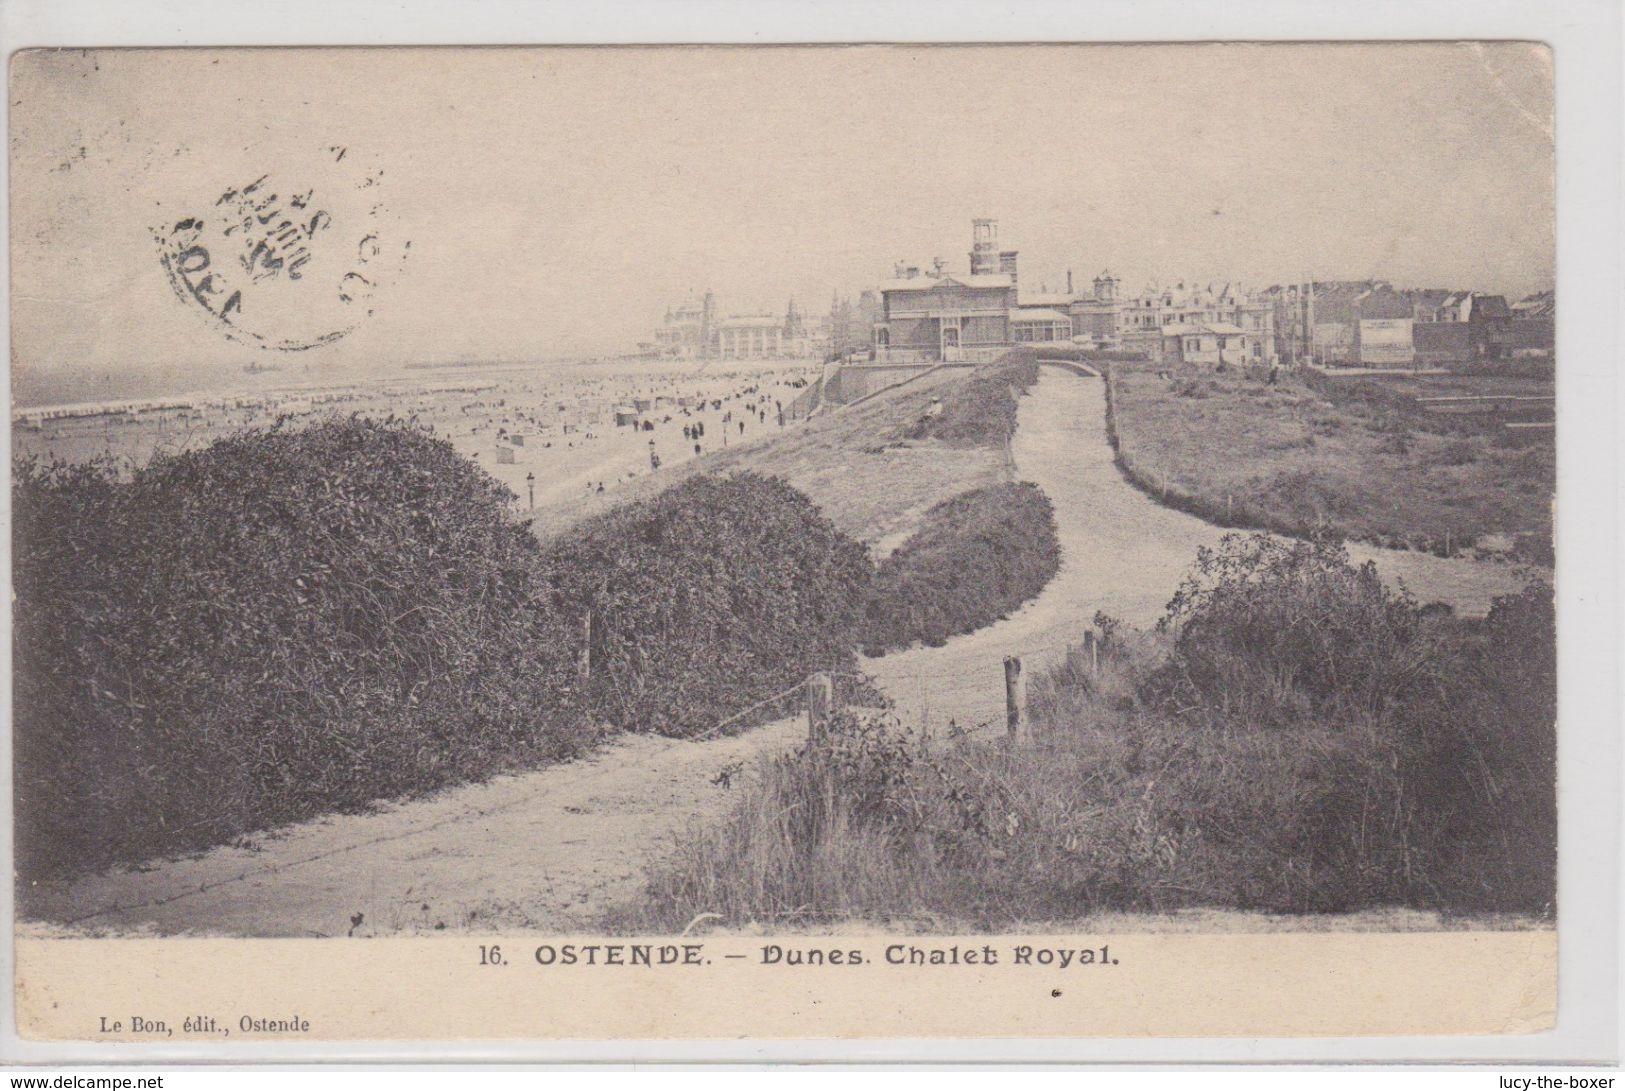 Ostende - Dunes. Chalet Royal - Oostende